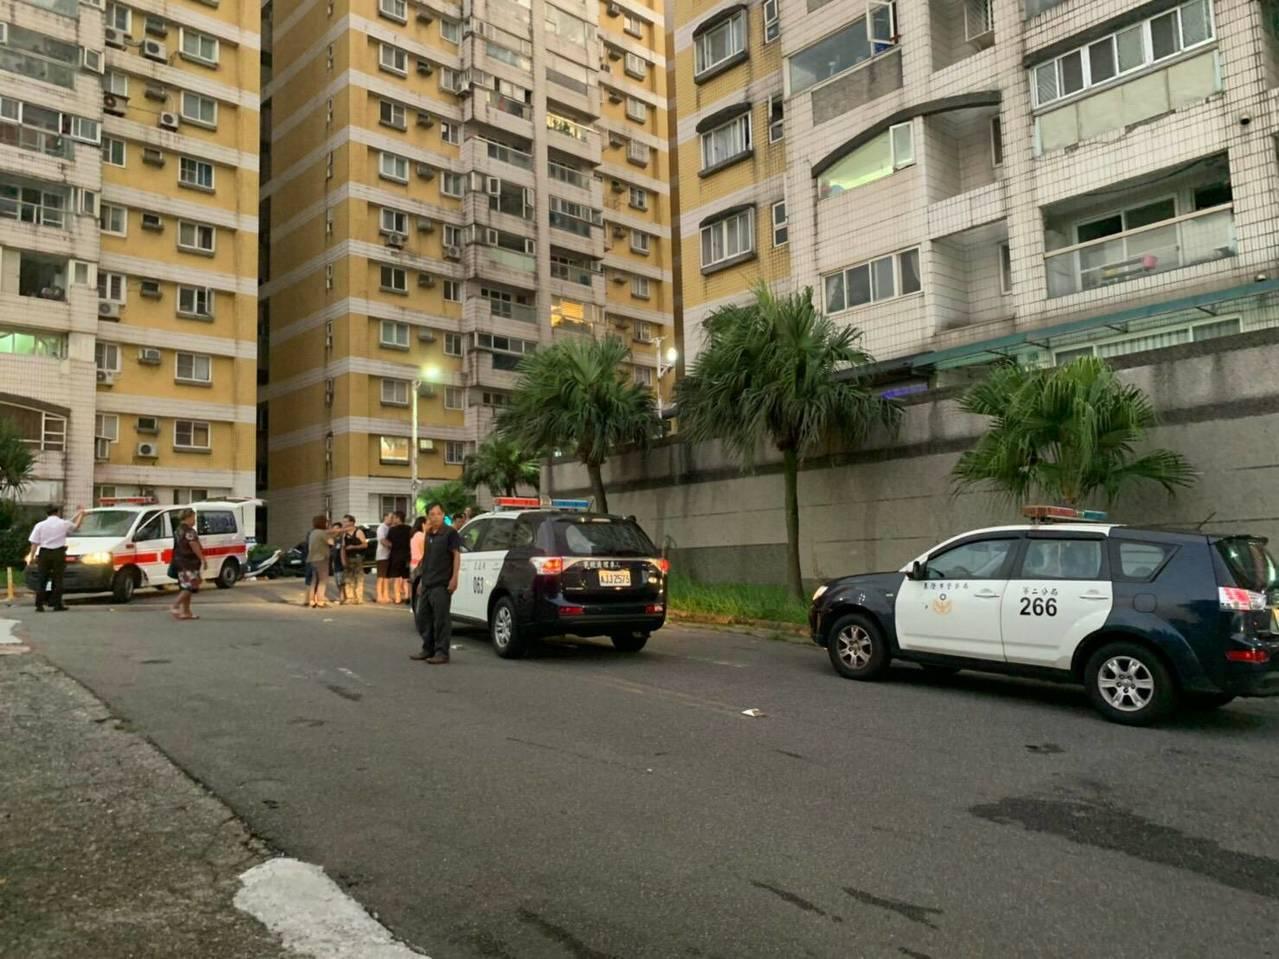 基隆市觀海街一處大型社區今天晚間發生一起車禍意外,總共有5人受輕傷送醫。記者游明...